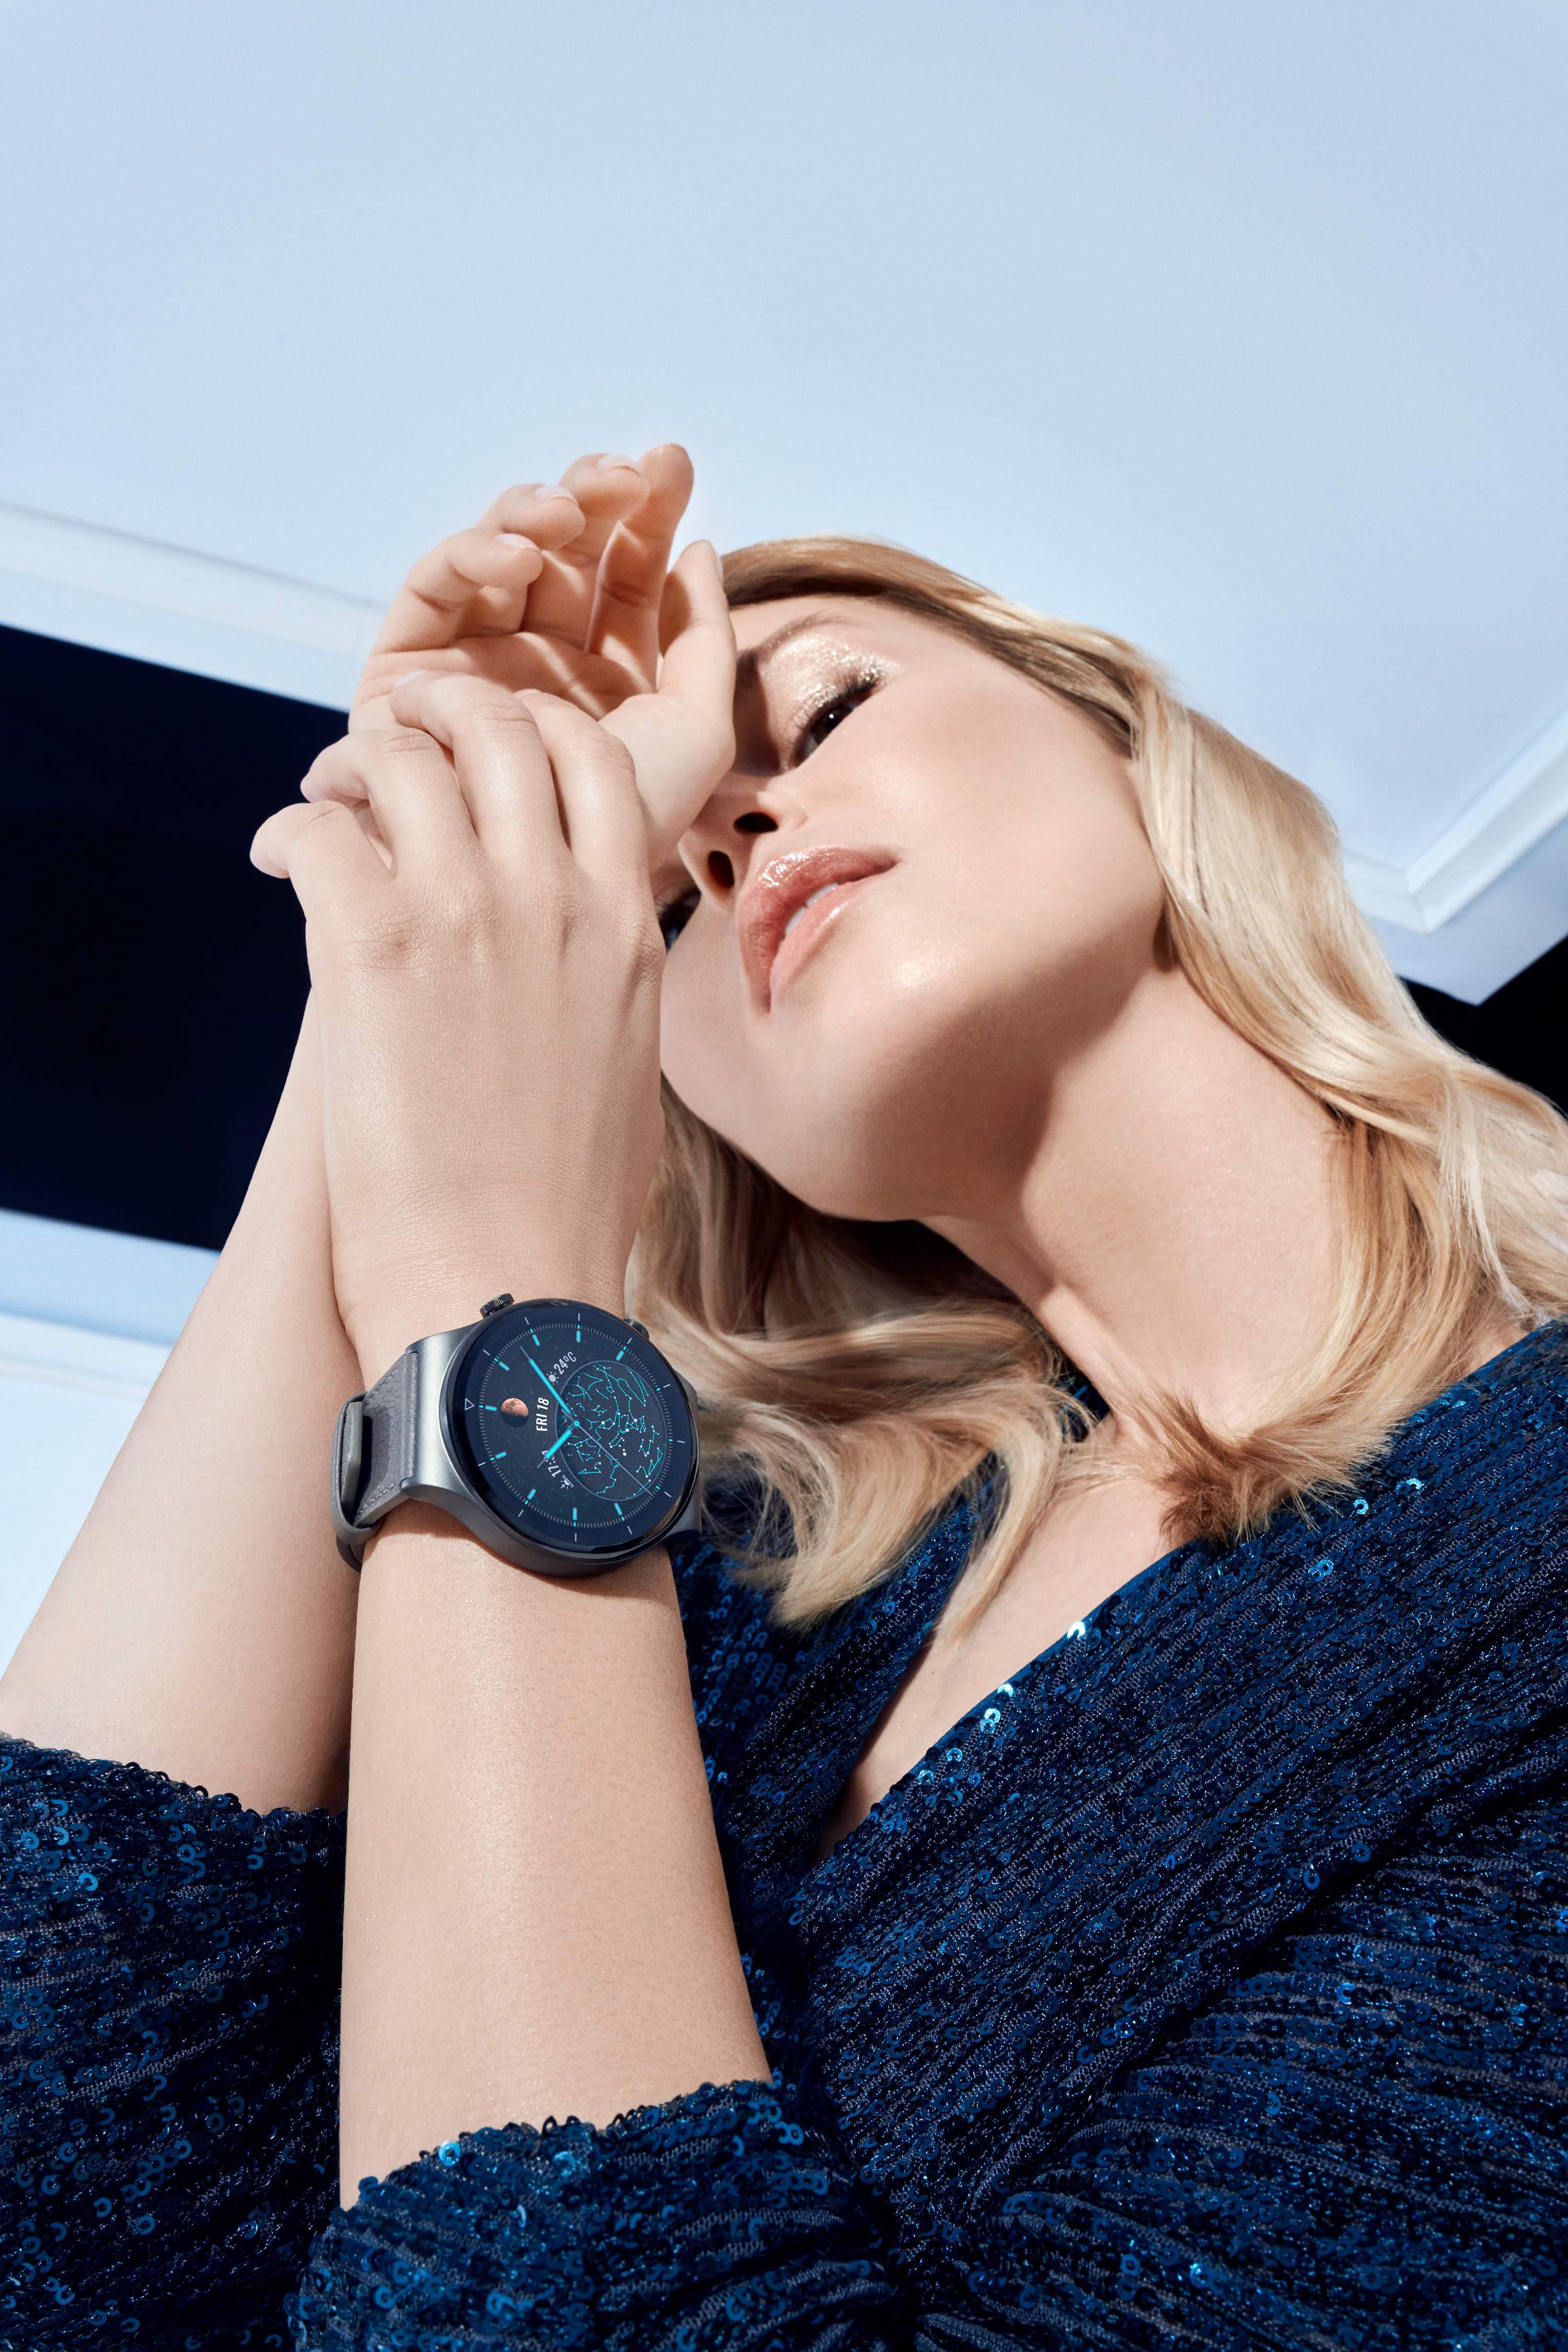 Nu reușești să îți gestionezi nivelul de stres? Cu un smartwatch performant la încheietură, ești mai aproape decât crezi